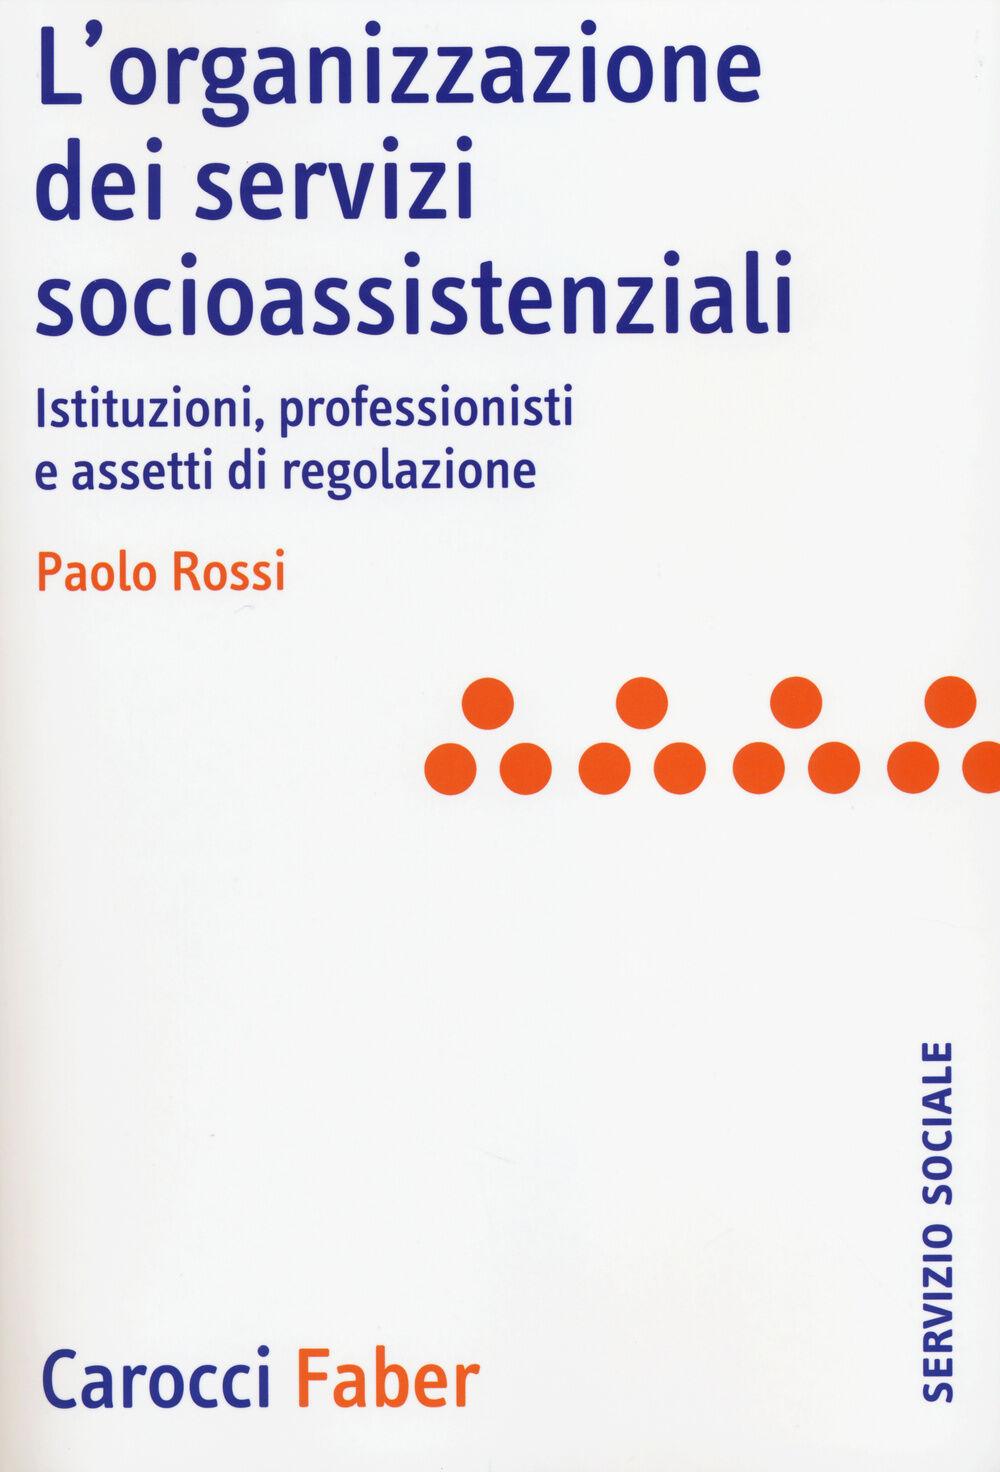 L' organizzazione dei servizi socioassistenziali. Istituzioni, profess ionisti e assetti di regolazione